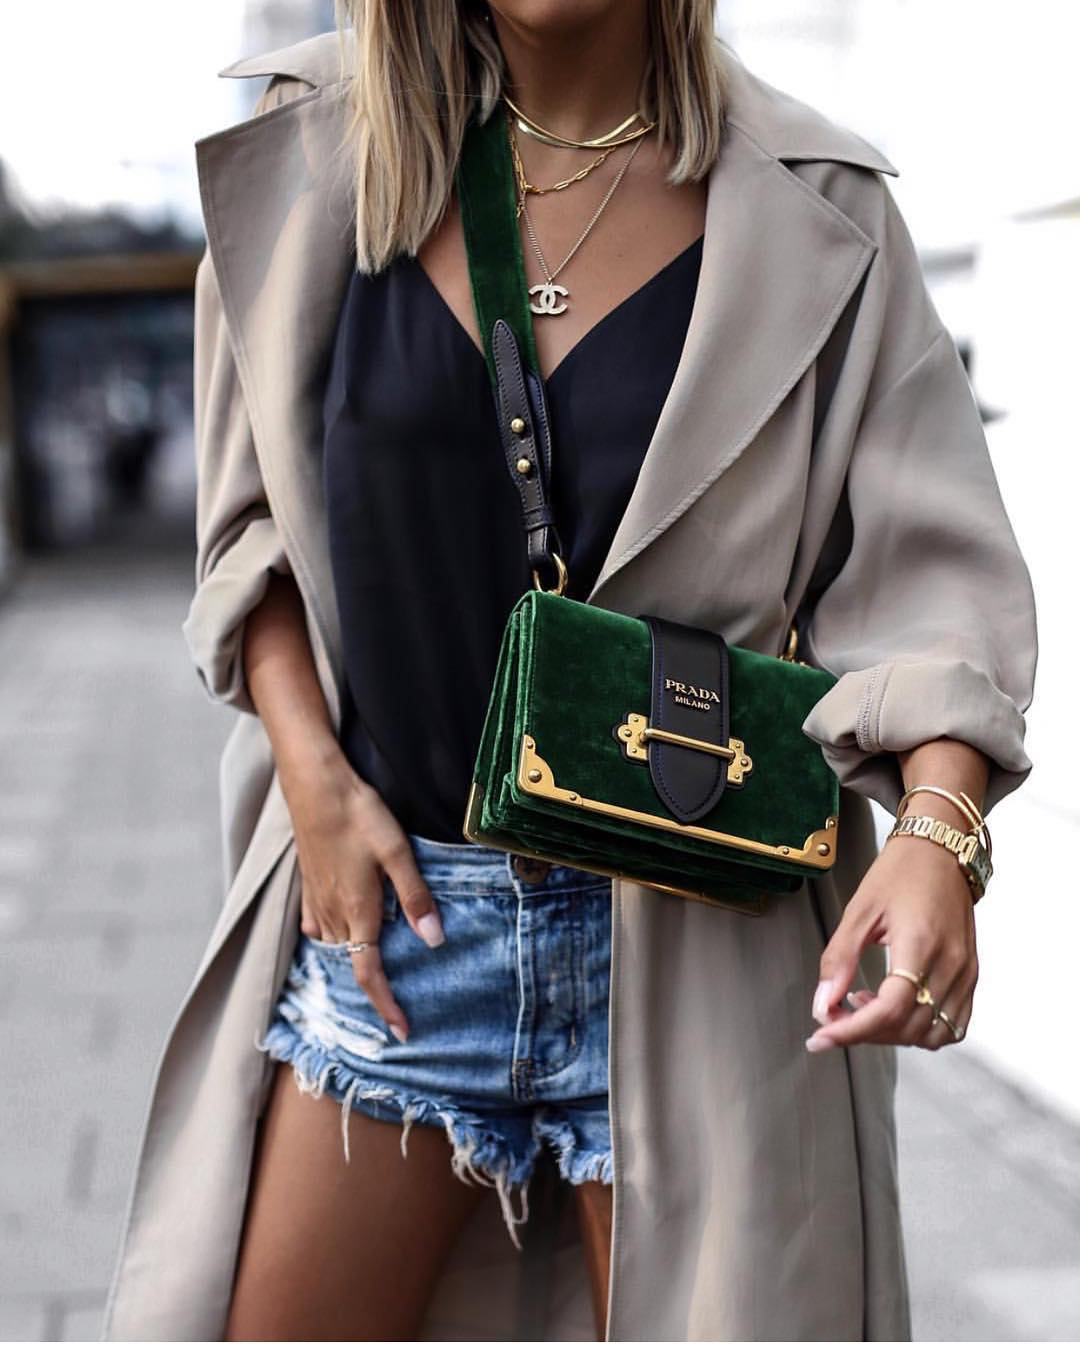 3 модных лайфхака, которыми пользуются все fashion-блогеры-320x180